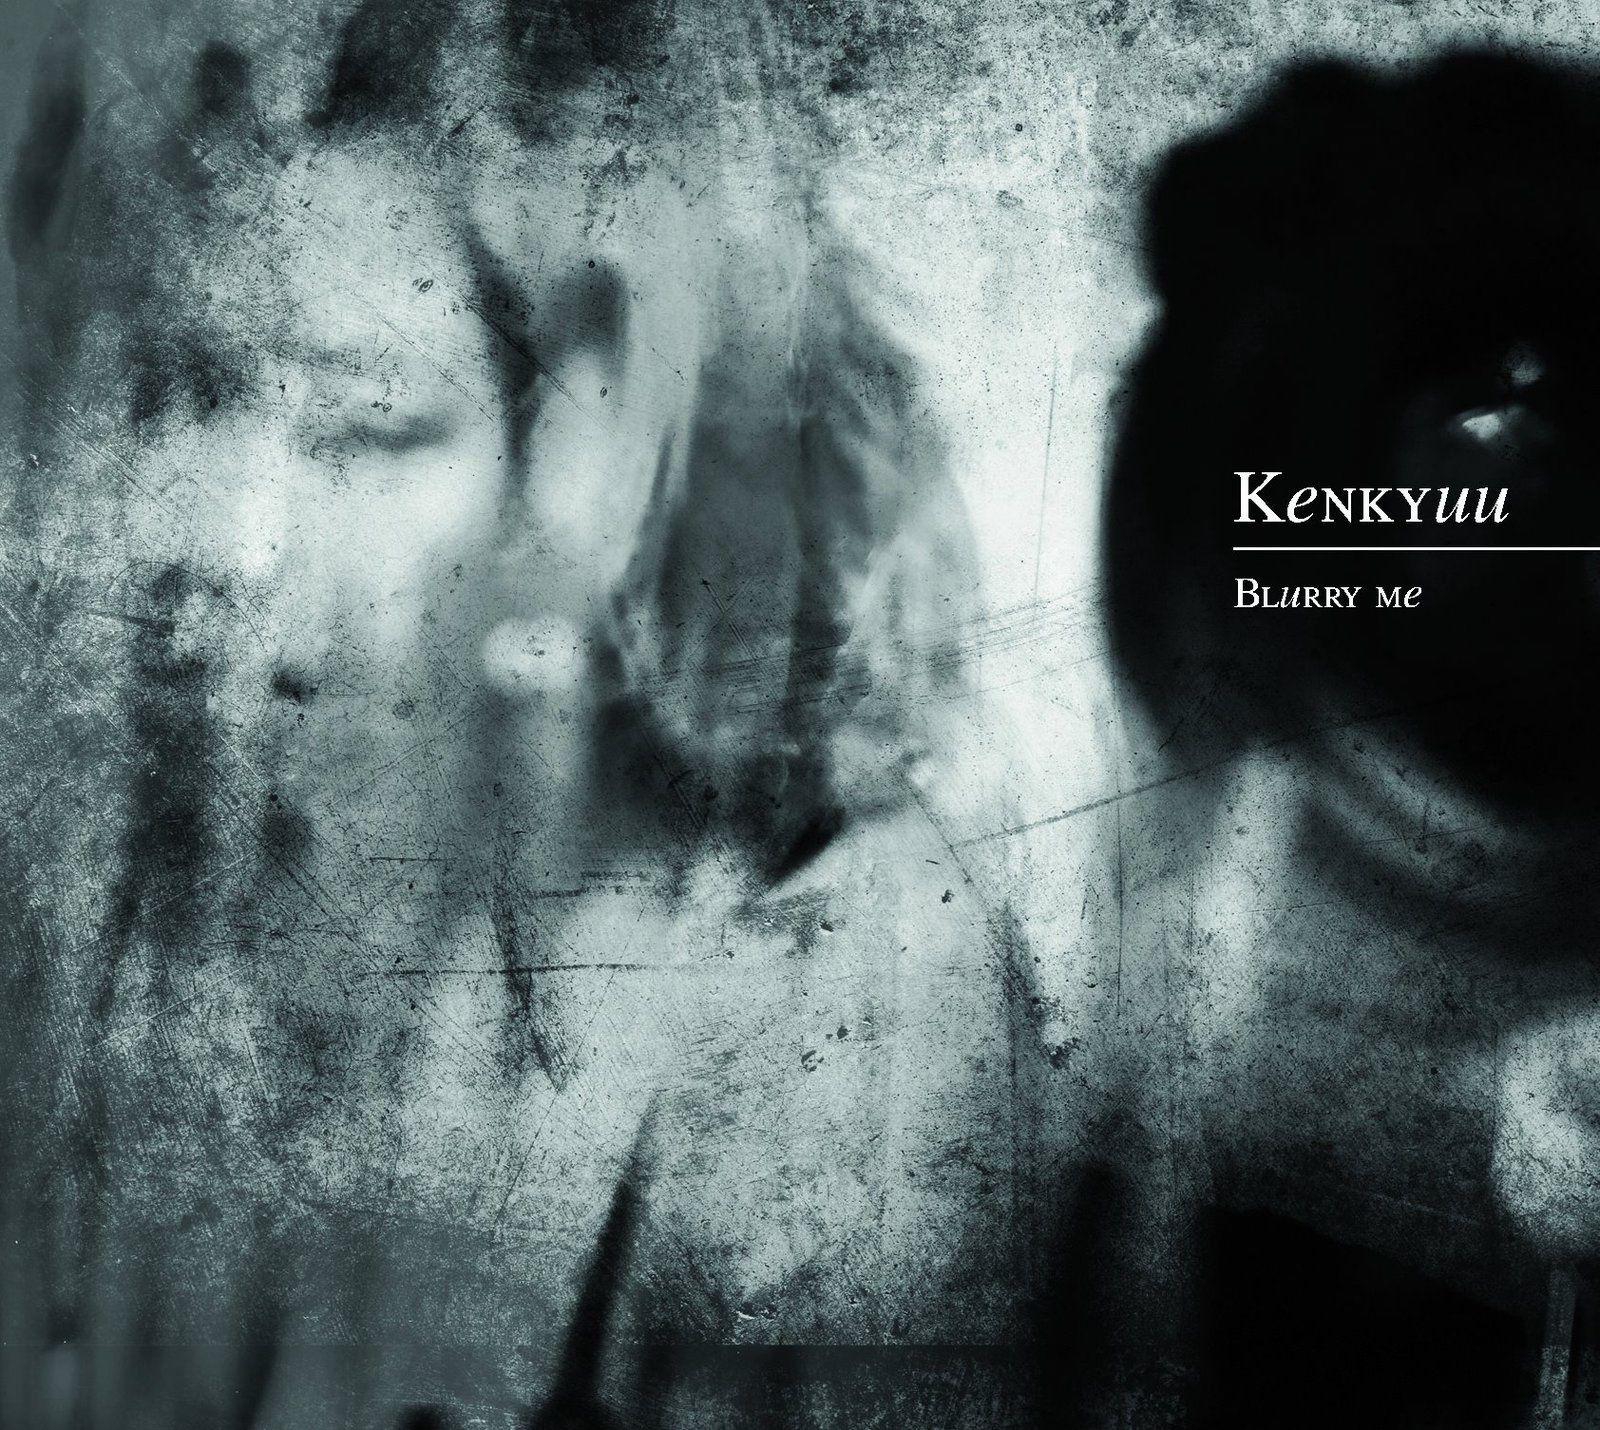 Couverture du deuxième album de KeNKYuu, BLuRRY Me, sorti le 5 décembre 2016